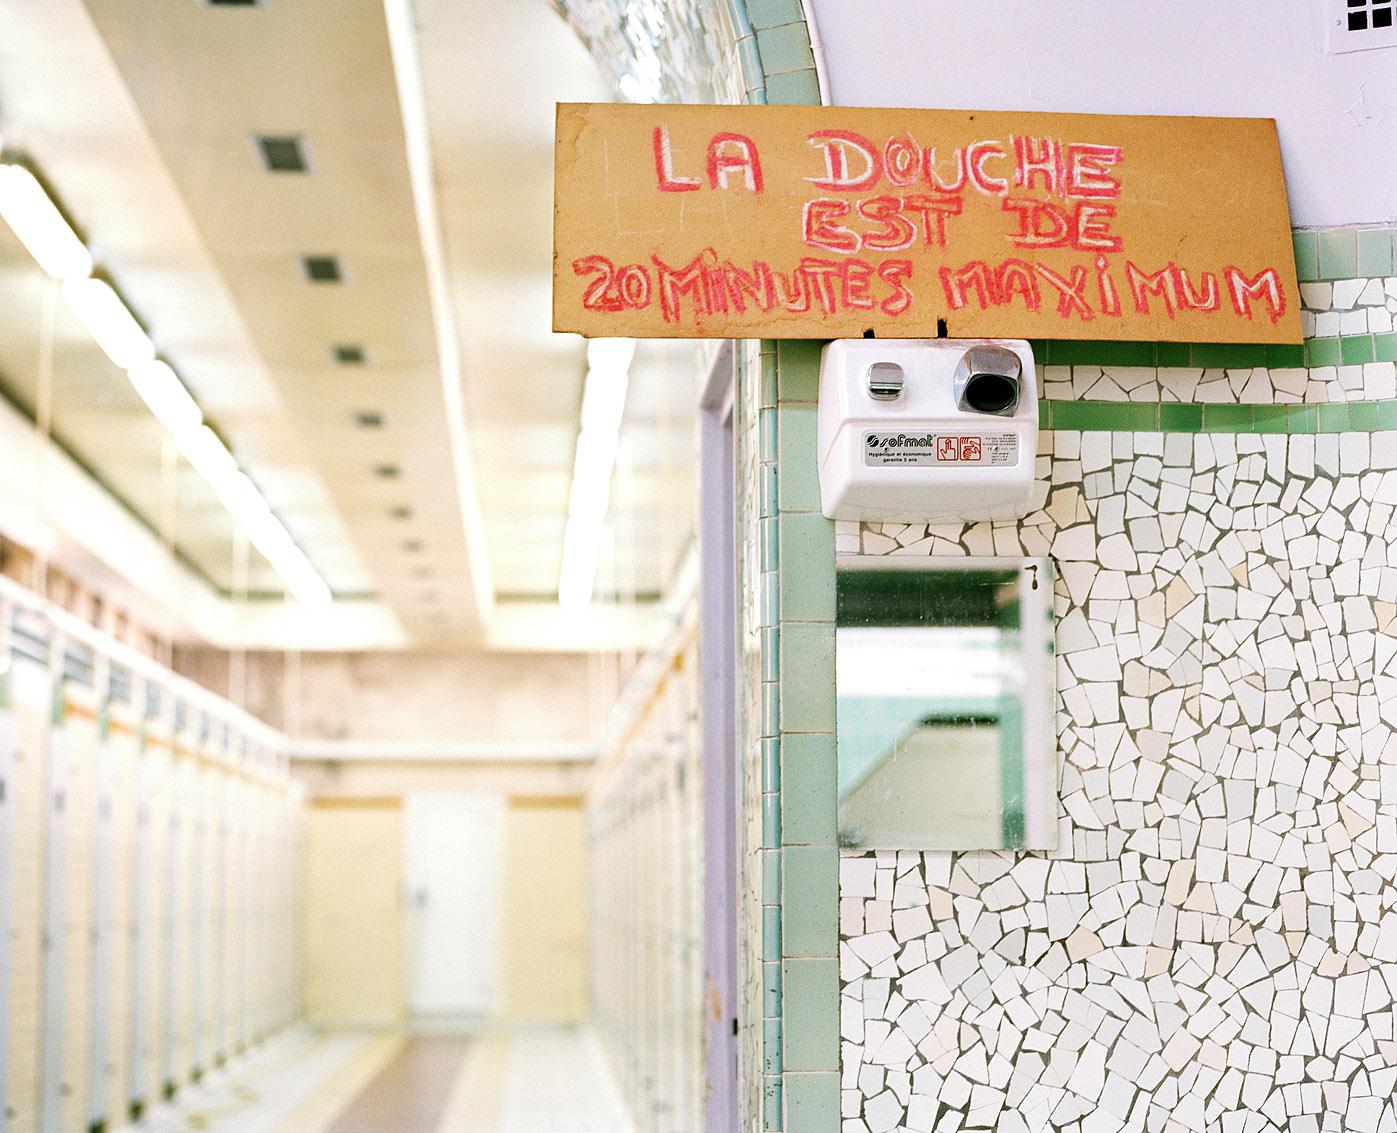 Salle d'attente des bains-douches Bidassoa, Paris.